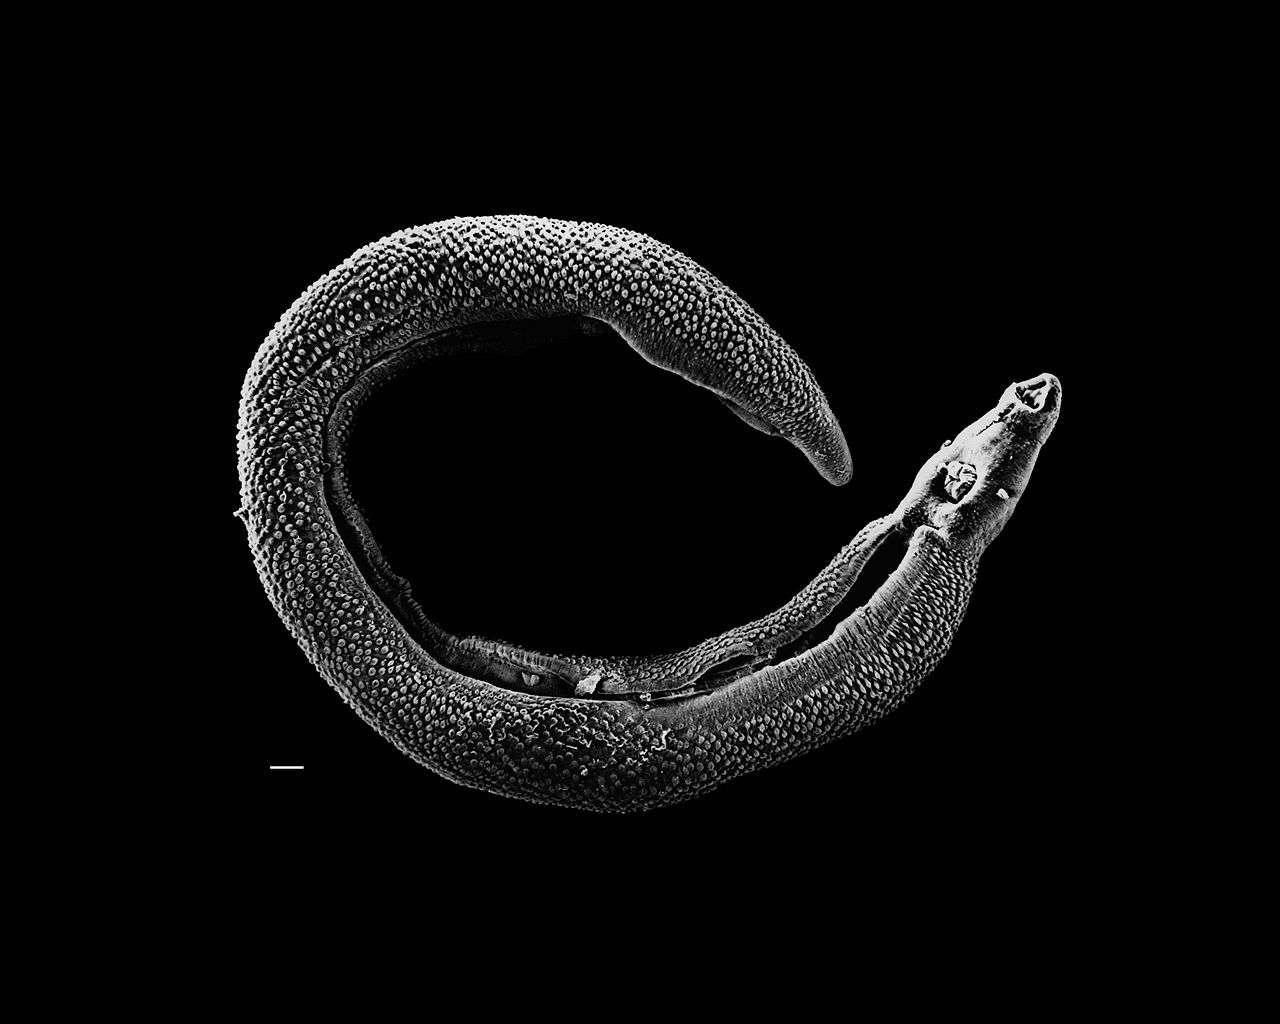 La schistosomiase, ou bilharziose, est une maladie due à l'infestation par un ver parasite nommé schistosome. © David Williams, Illinois State University, Wikipédia, DP